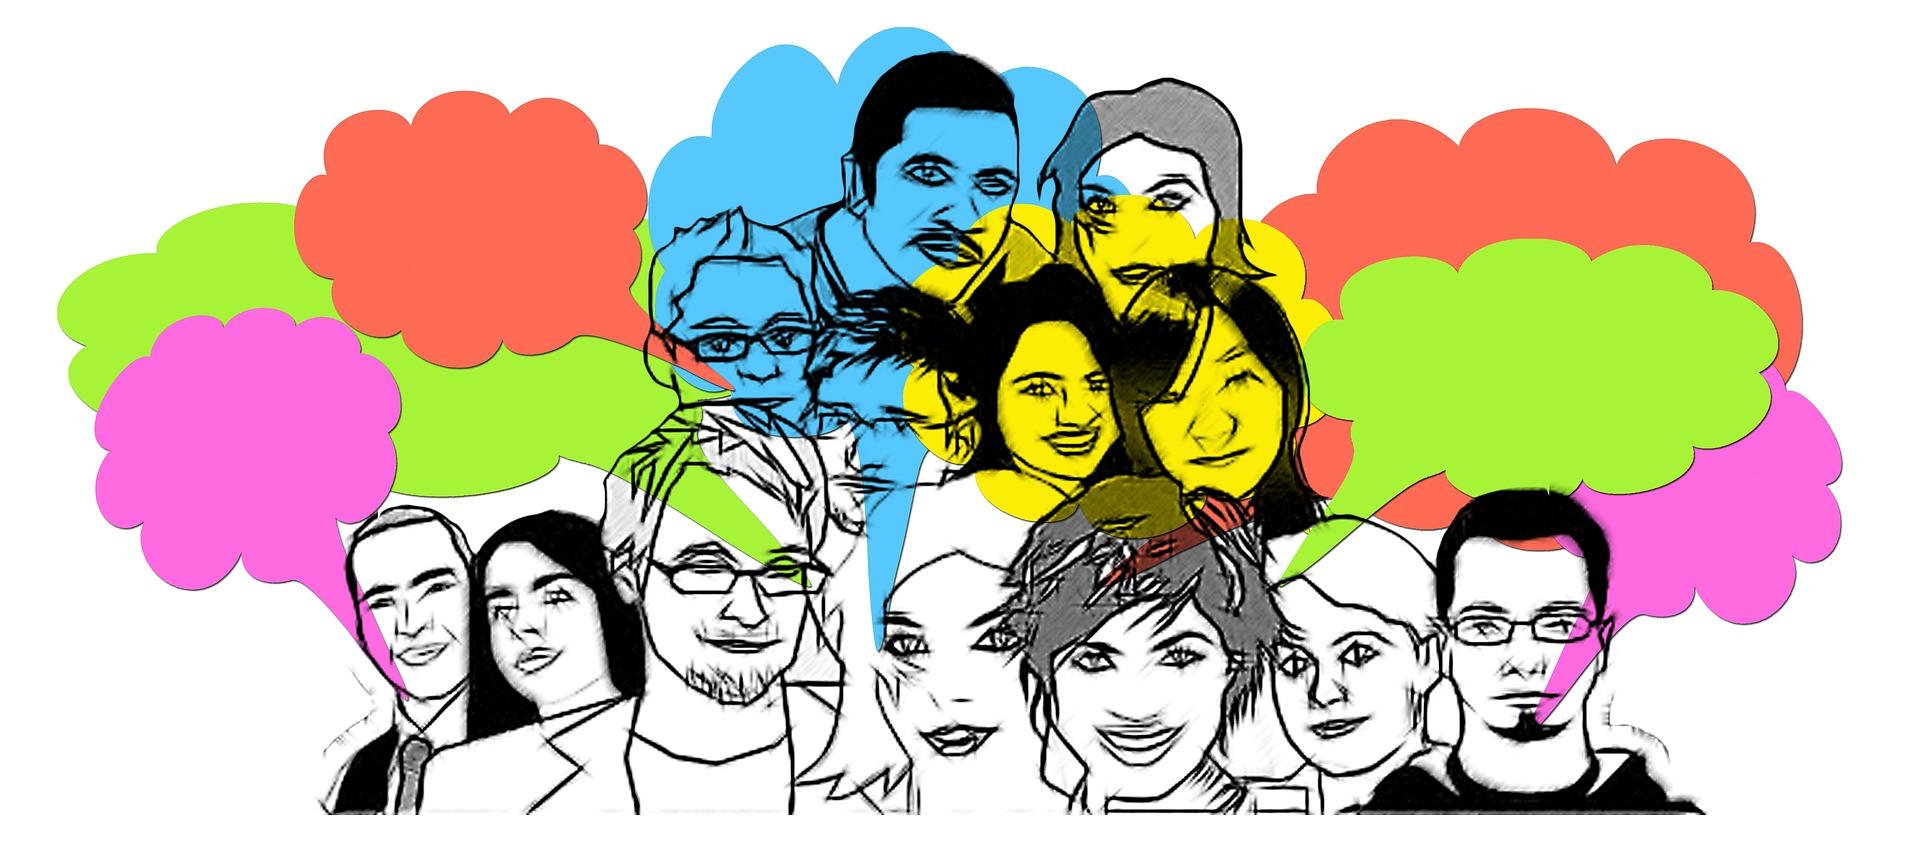 Job et covid : Partage d'expériences et de ressources pour envisager l'avenir